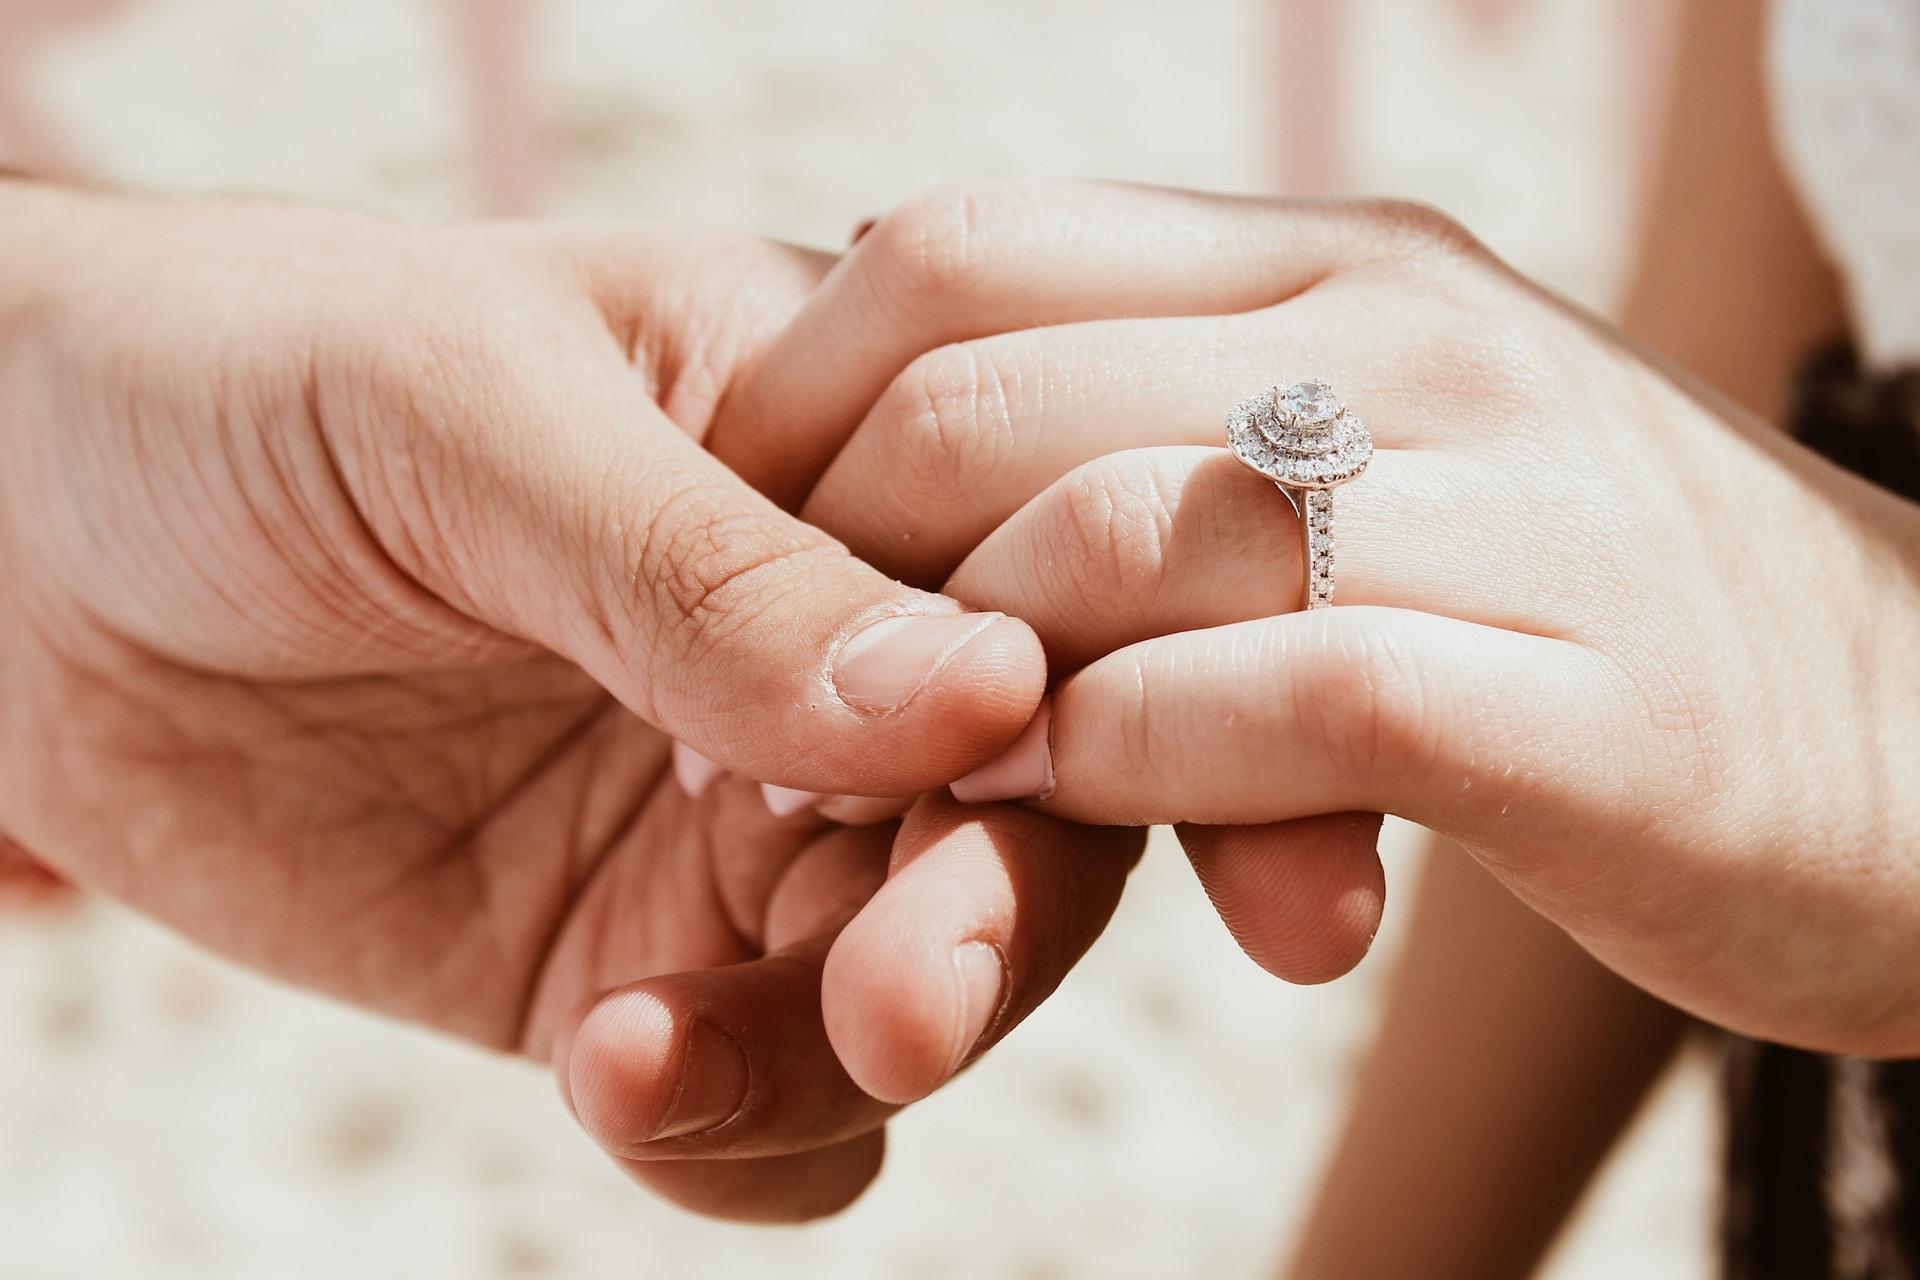 πρόταση γάμου - μην πανικοβάλεστε